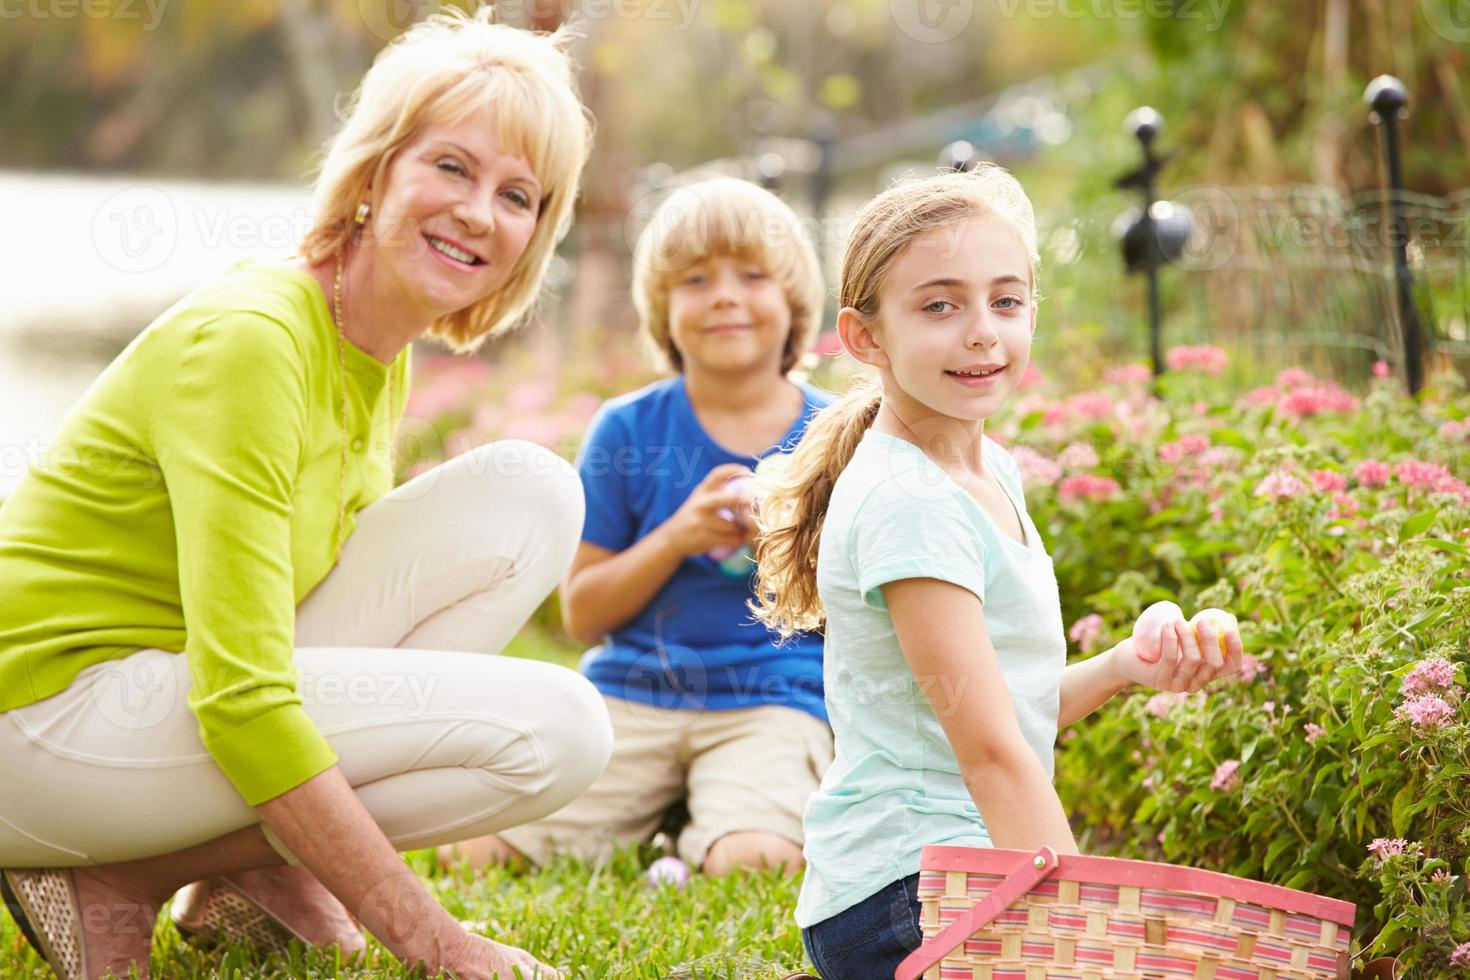 avó com netos na caça aos ovos de Páscoa no jardim foto